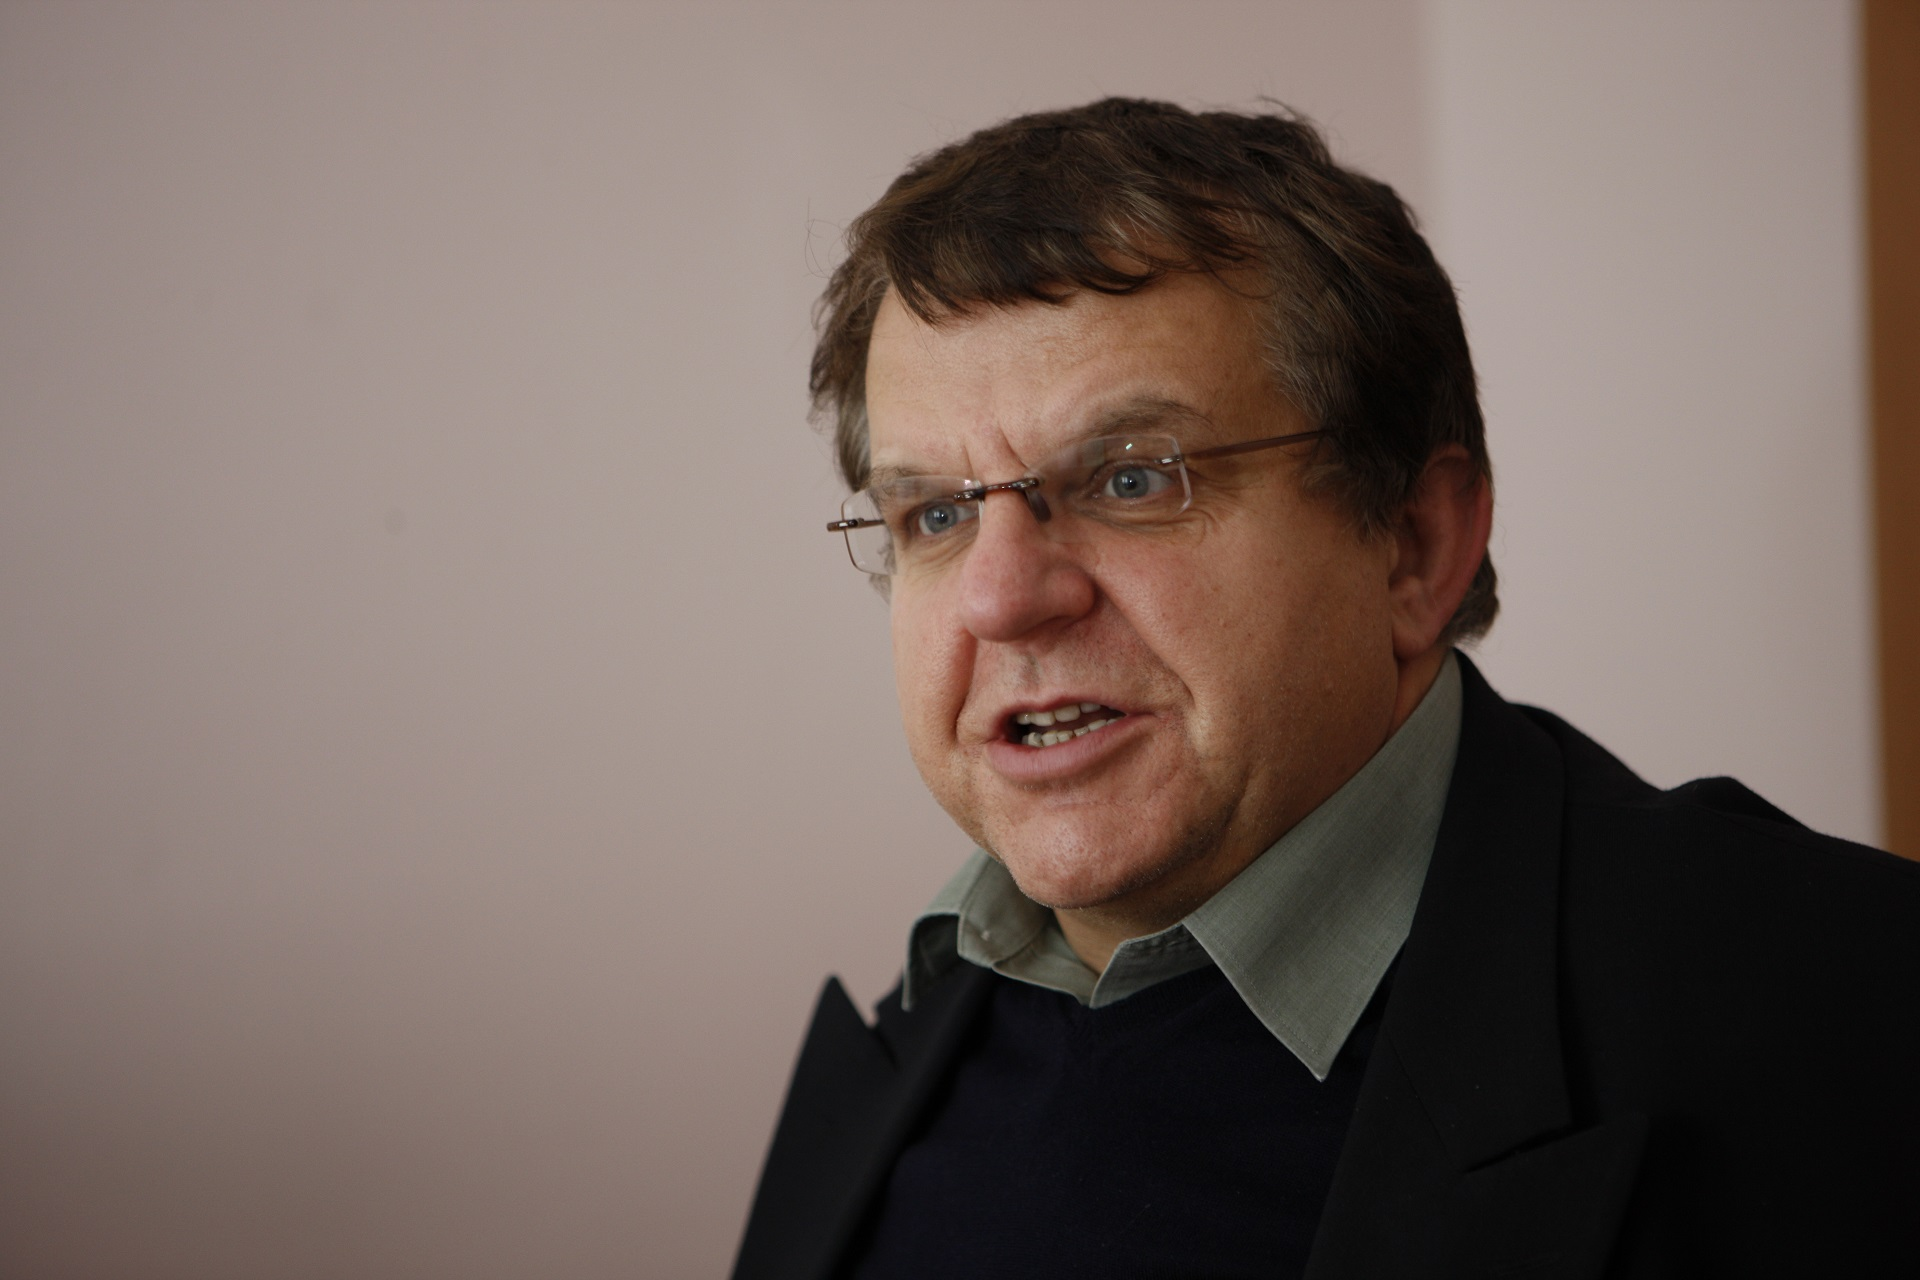 Szef NTT Tadeusz Kurek zmienia branżę